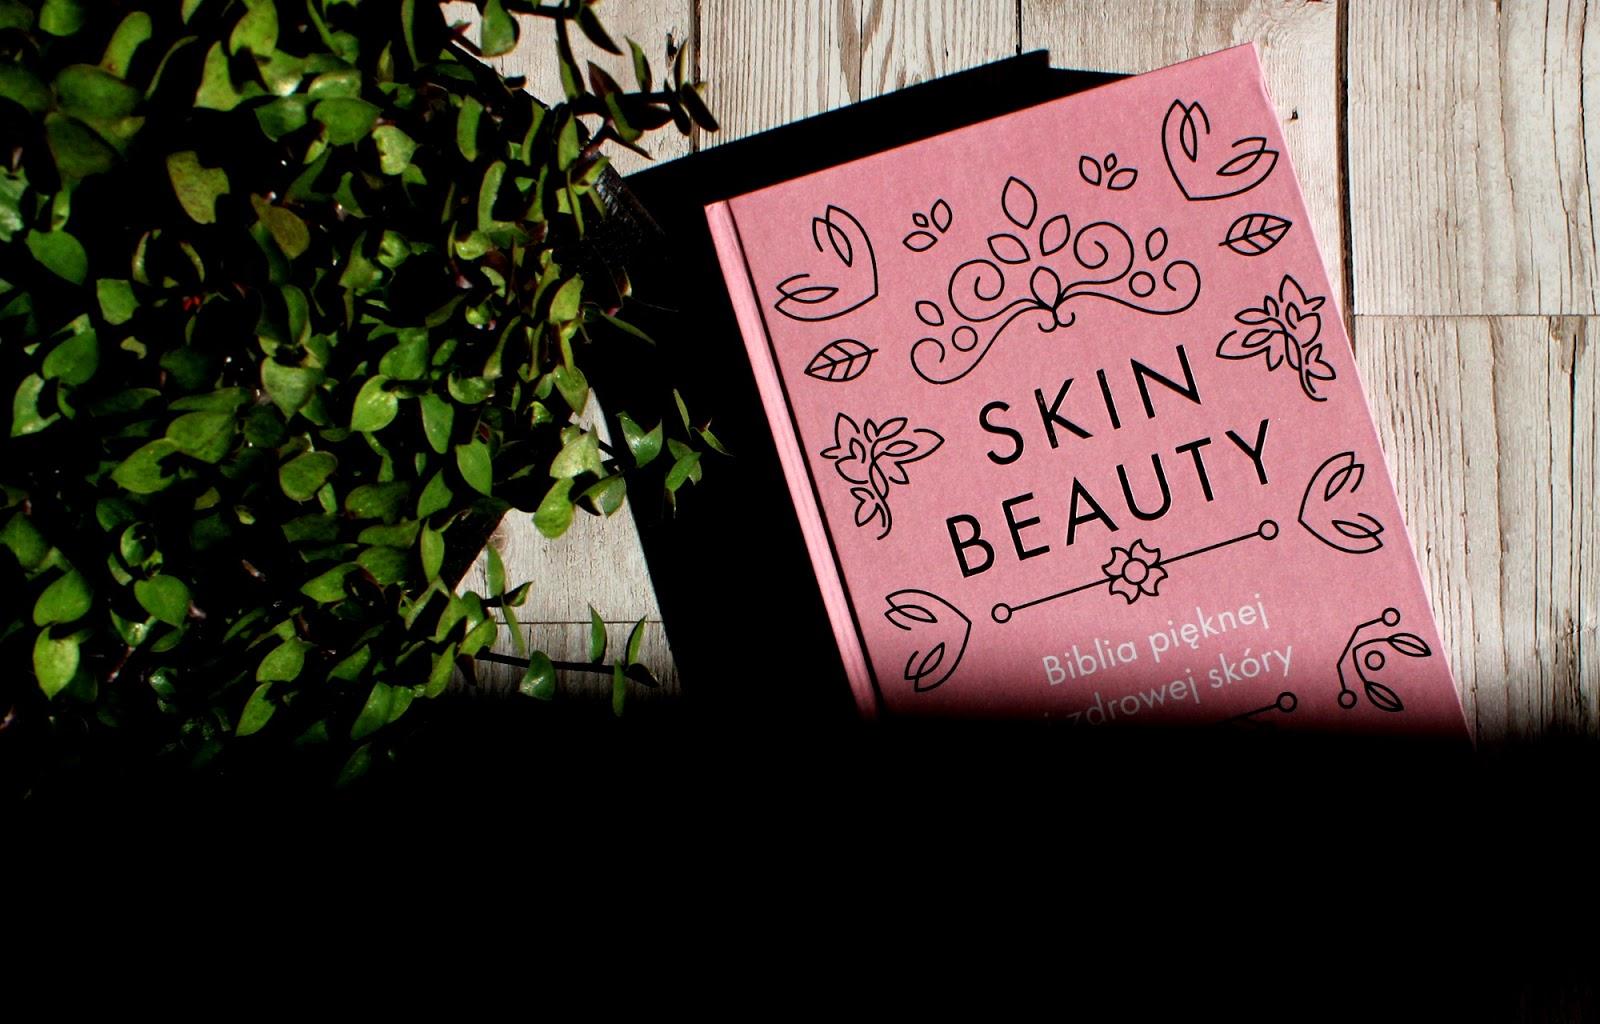 Skin beauty. Biblia pięknej i zdrowej skóry.